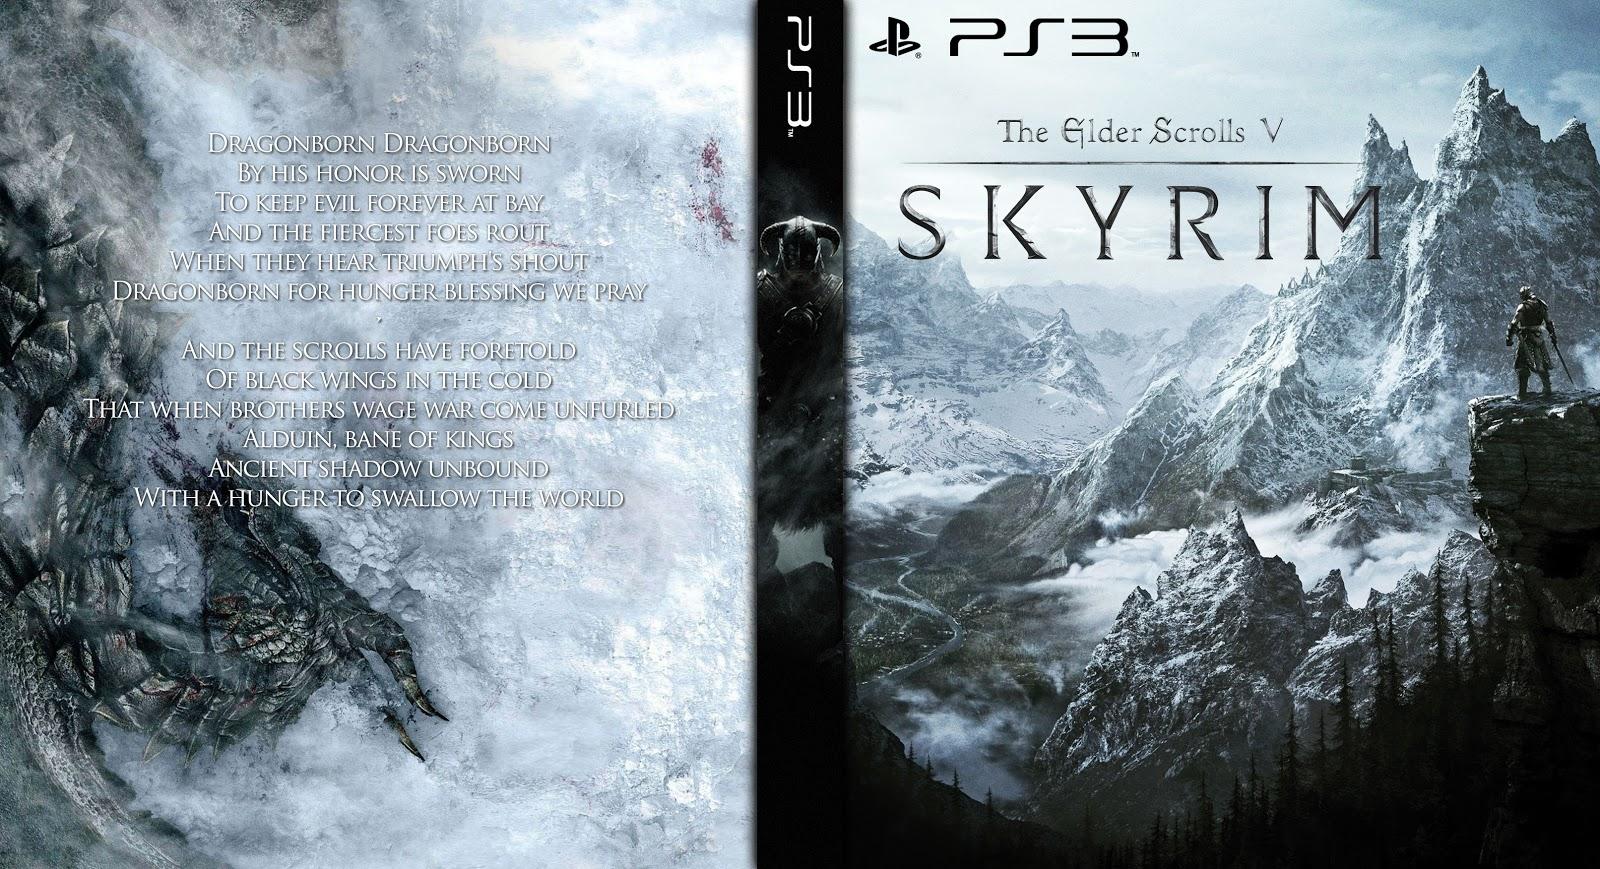 http://3.bp.blogspot.com/-PFFMpE3A66s/UNjh1spjZCI/AAAAAAAAAaE/TYrCWt91VEk/s1600/skyrim-cover.jpg